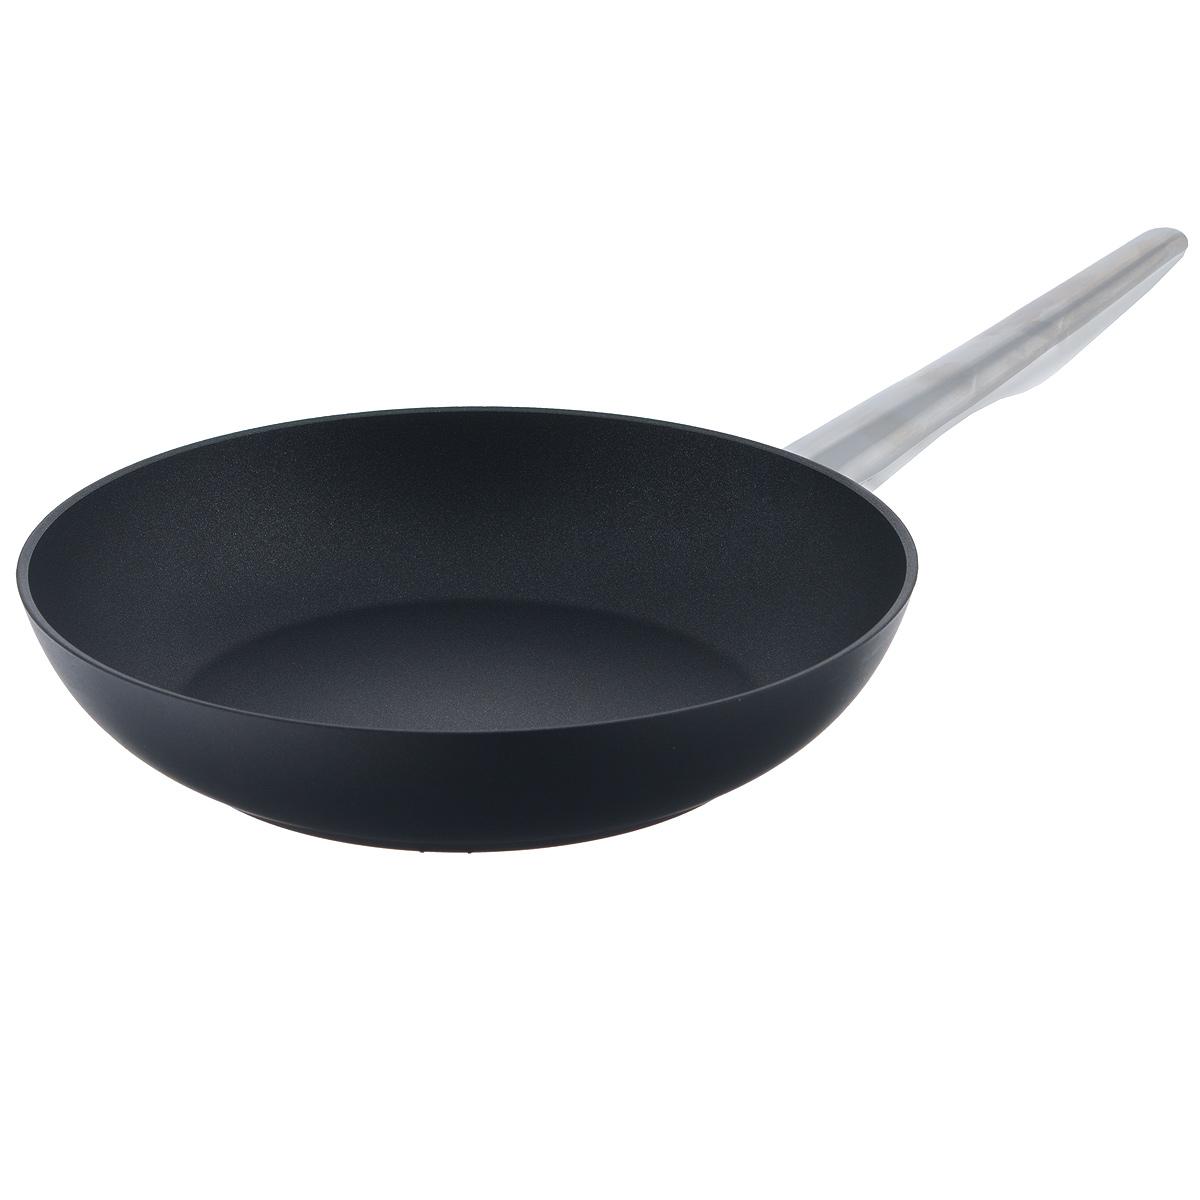 Сковорода TVS Maestrale, с антипригарным покрытием, цвет: черный. Диаметр 24 см1V278243310001Сковорода TVS Maestrale выполнена из алюминия с внешним лаковым покрытием черного цвета и обладает превосходной теплопроводностью. Внутреннее антипригарное покрытие Toptec позволяет готовить пищу с минимальным использованием масла. Прочная поверхность сковороды не боится механических повреждений.Эргономичная ручка, изготовленная из нержавеющей стали имеет плавные формы, которые подчеркивают стиль сковороды. Сковорода TVS Maestrale изготовлена из экологичных материалов, что делает ее пригодной для приготовления пищи детям.Подходит для всех видов плит, включая индукционные.Сковороду TVS Maestrale можно использовать в духовому шкафу. Максимальная температура 230°С. Можно мыть в посудомоечной машине. Особенностью коллекции Maestrale является фурнитура из нержавеющей стали с изящными формами, очень эффектно сочетающаяся с литым корпусом изделий с черным антипригарным покрытием Toptec. Дно сковород и кастрюль, входящих в коллекцию, имеет вплавленный стальной диск, благодаря чему посуду можно использовать, в том числе и на индукционных плитах. Компания TVS была основана в 1968 году. Основными принципами, которых придерживается компания, являются экологическая безопасность производства, использование новейших материалов и технологий, а также всесторонний учет потребностей рынка. Посуда TVS (Италия) - это превосходное решение для любой современной кухни, способное создать по-настоящему комфортные условия для приготовления пищи.Диаметр сковороды: 24 см. Высота стенки: 5 см.Длина ручки: 18 см.